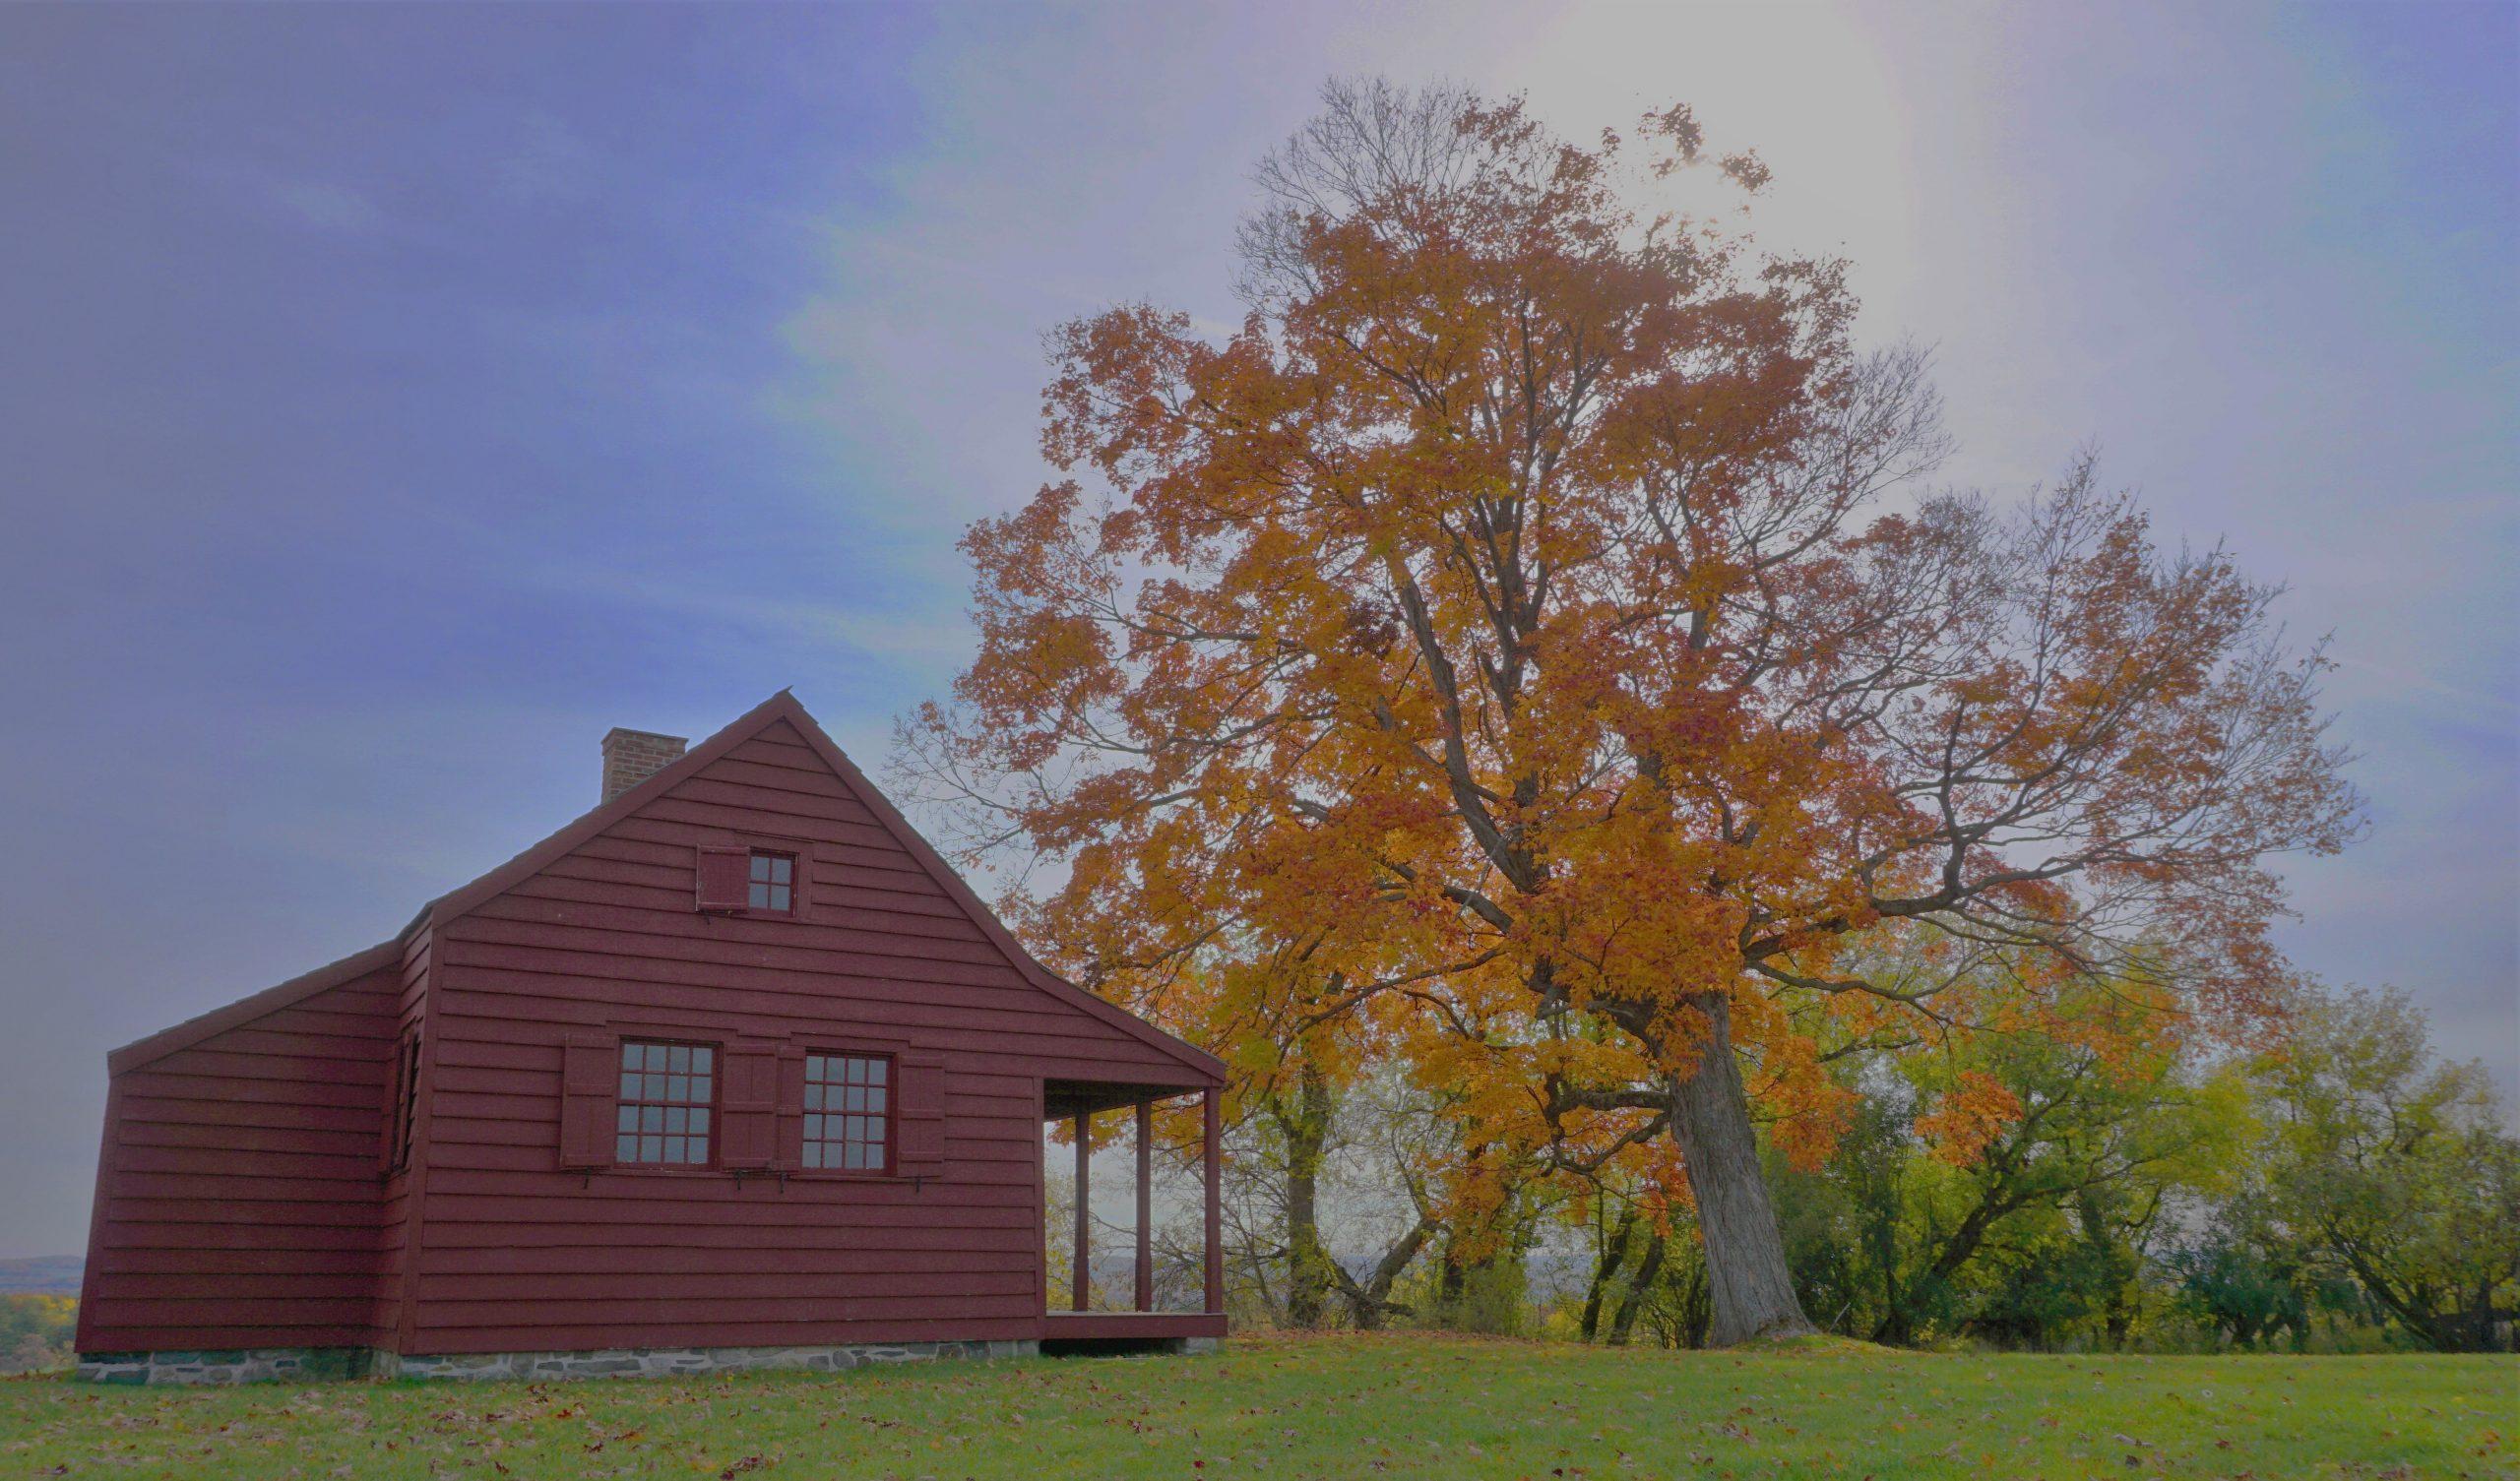 Fall scenery NH